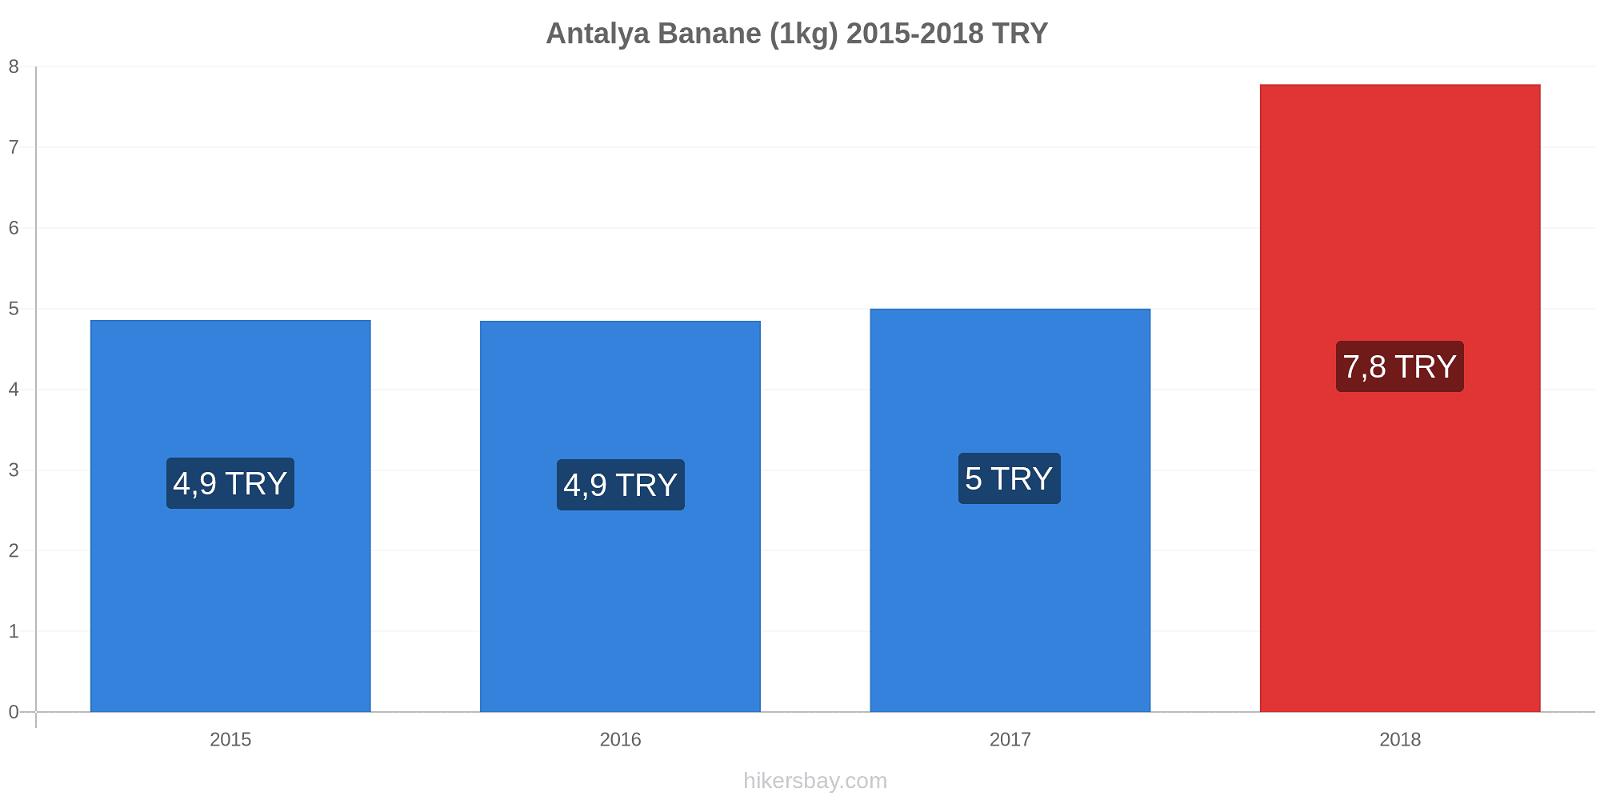 Antalya Preisänderungen Banane (1kg) hikersbay.com